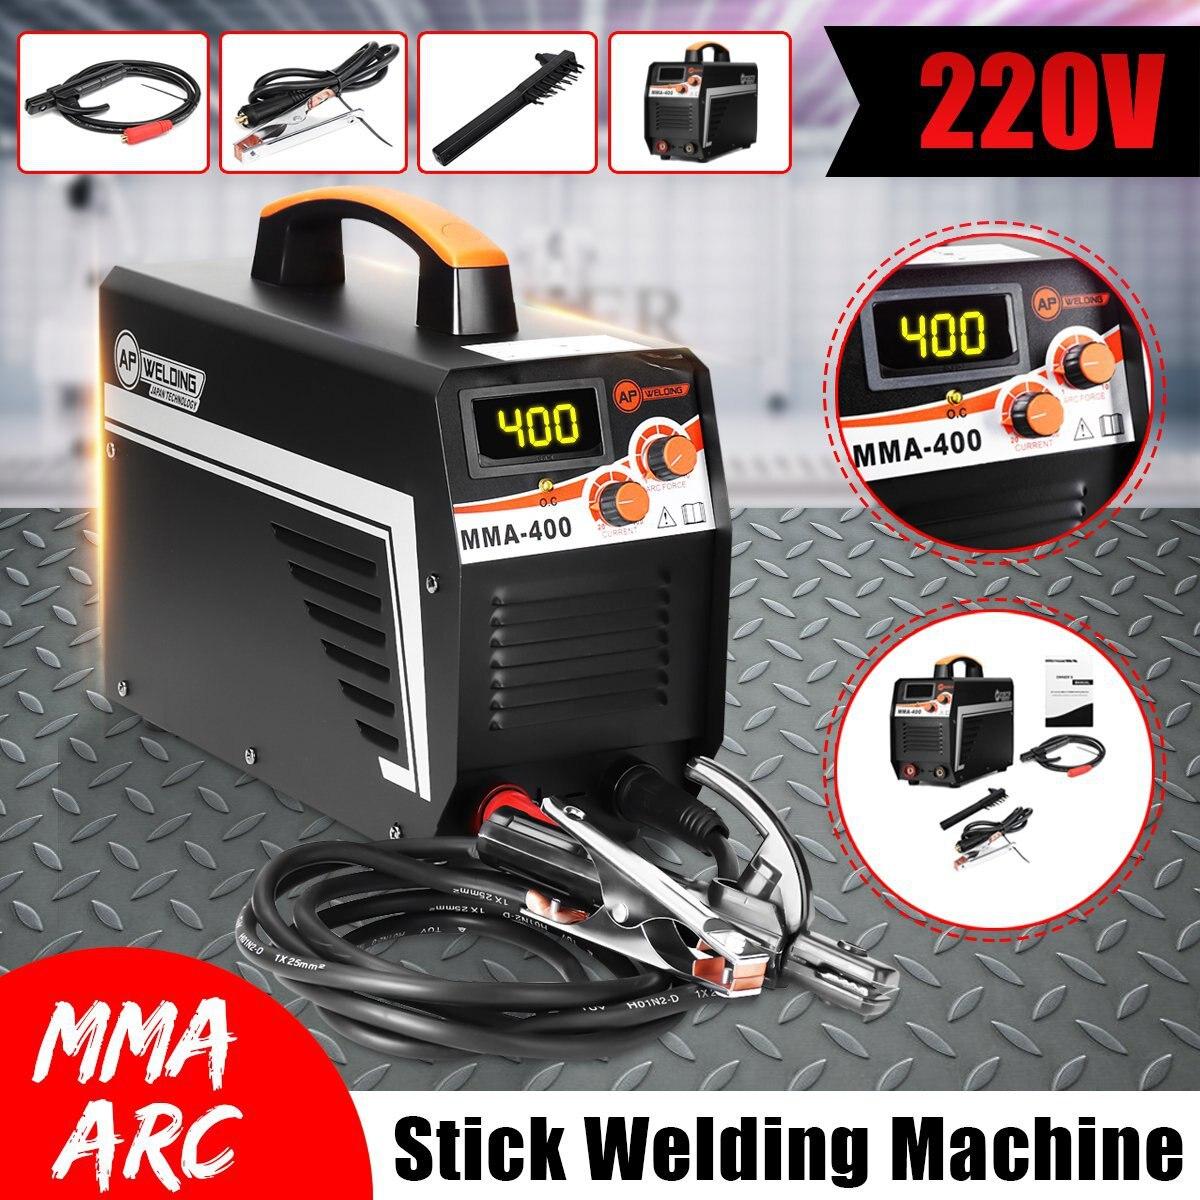 IGBT дуга инвертора Электрический сварочный аппарат MMA 400 220 V Цифровой Дисплей ММА держатель дуги сварщиков набор для домашнего сварки рабочи